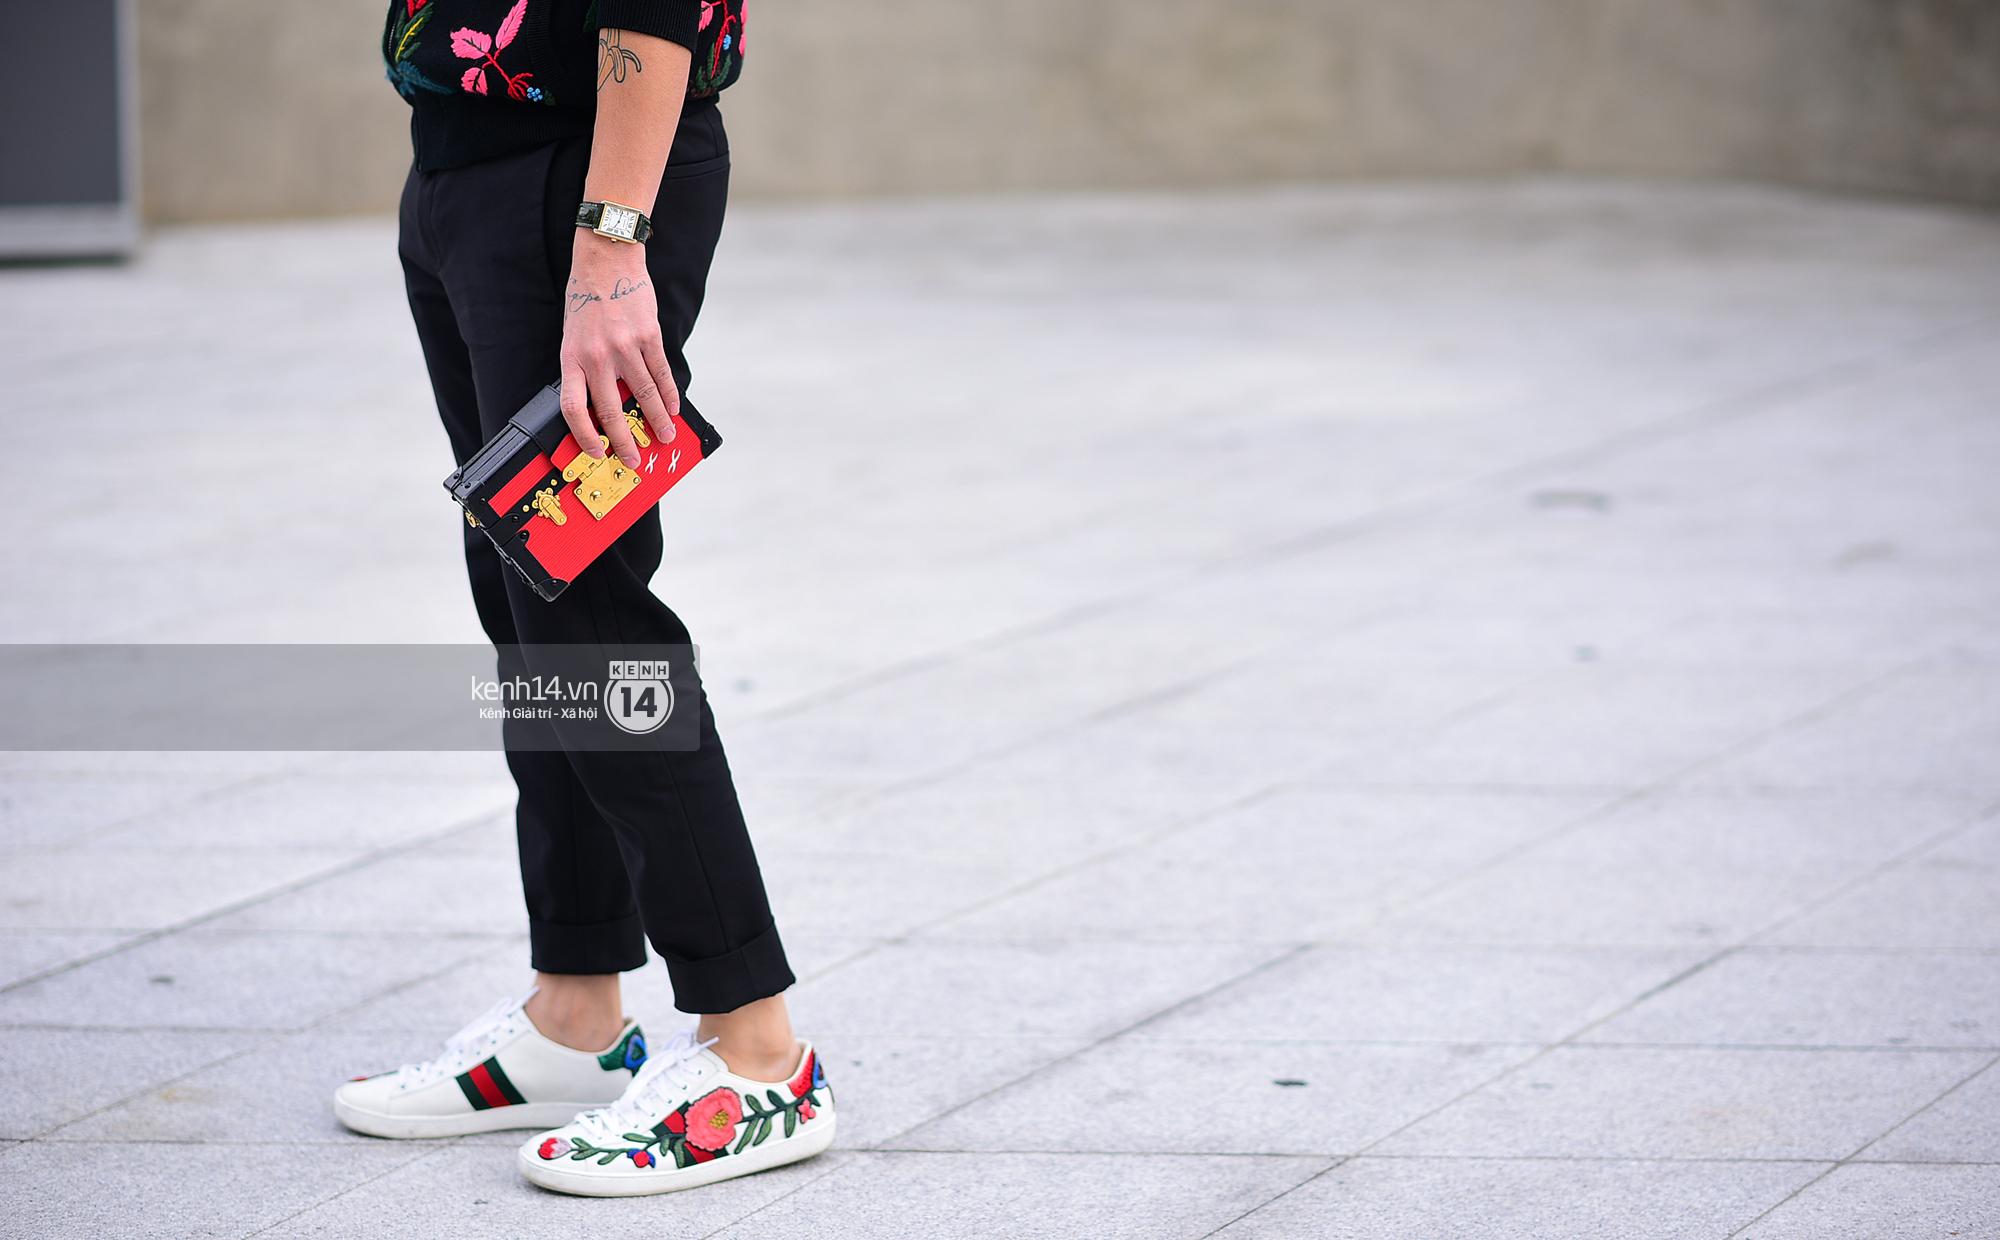 Ngày 5 Seoul Fashion Week: Fashionista Việt mặc gì để gây ấn tượng? - Ảnh 2.